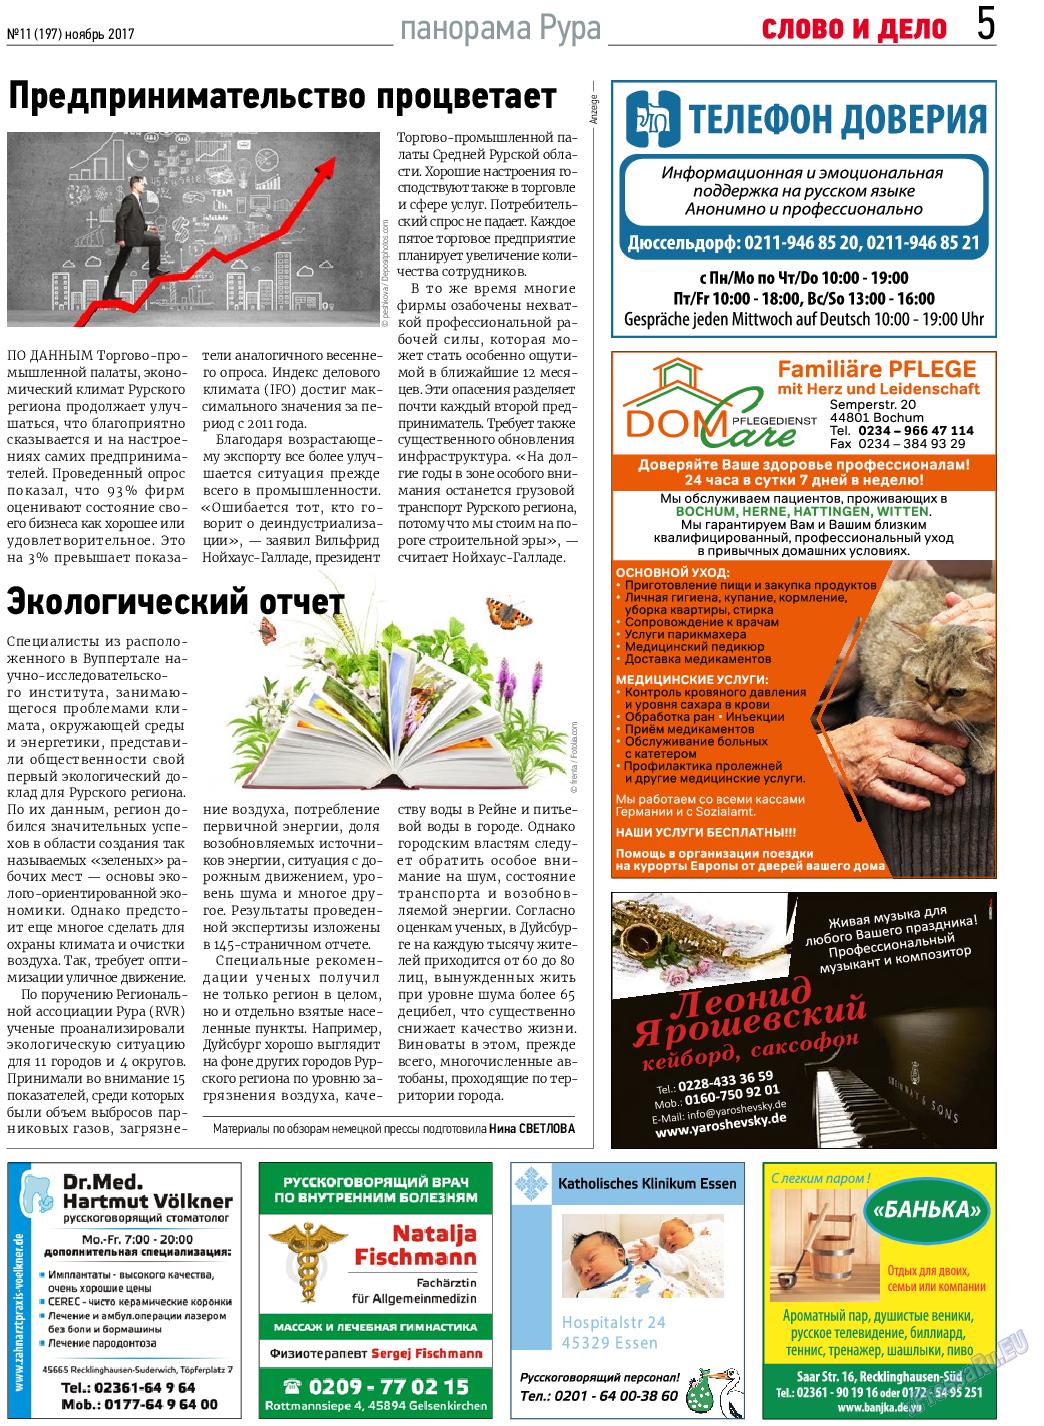 Слово и дело (газета). 2017 год, номер 11, стр. 5